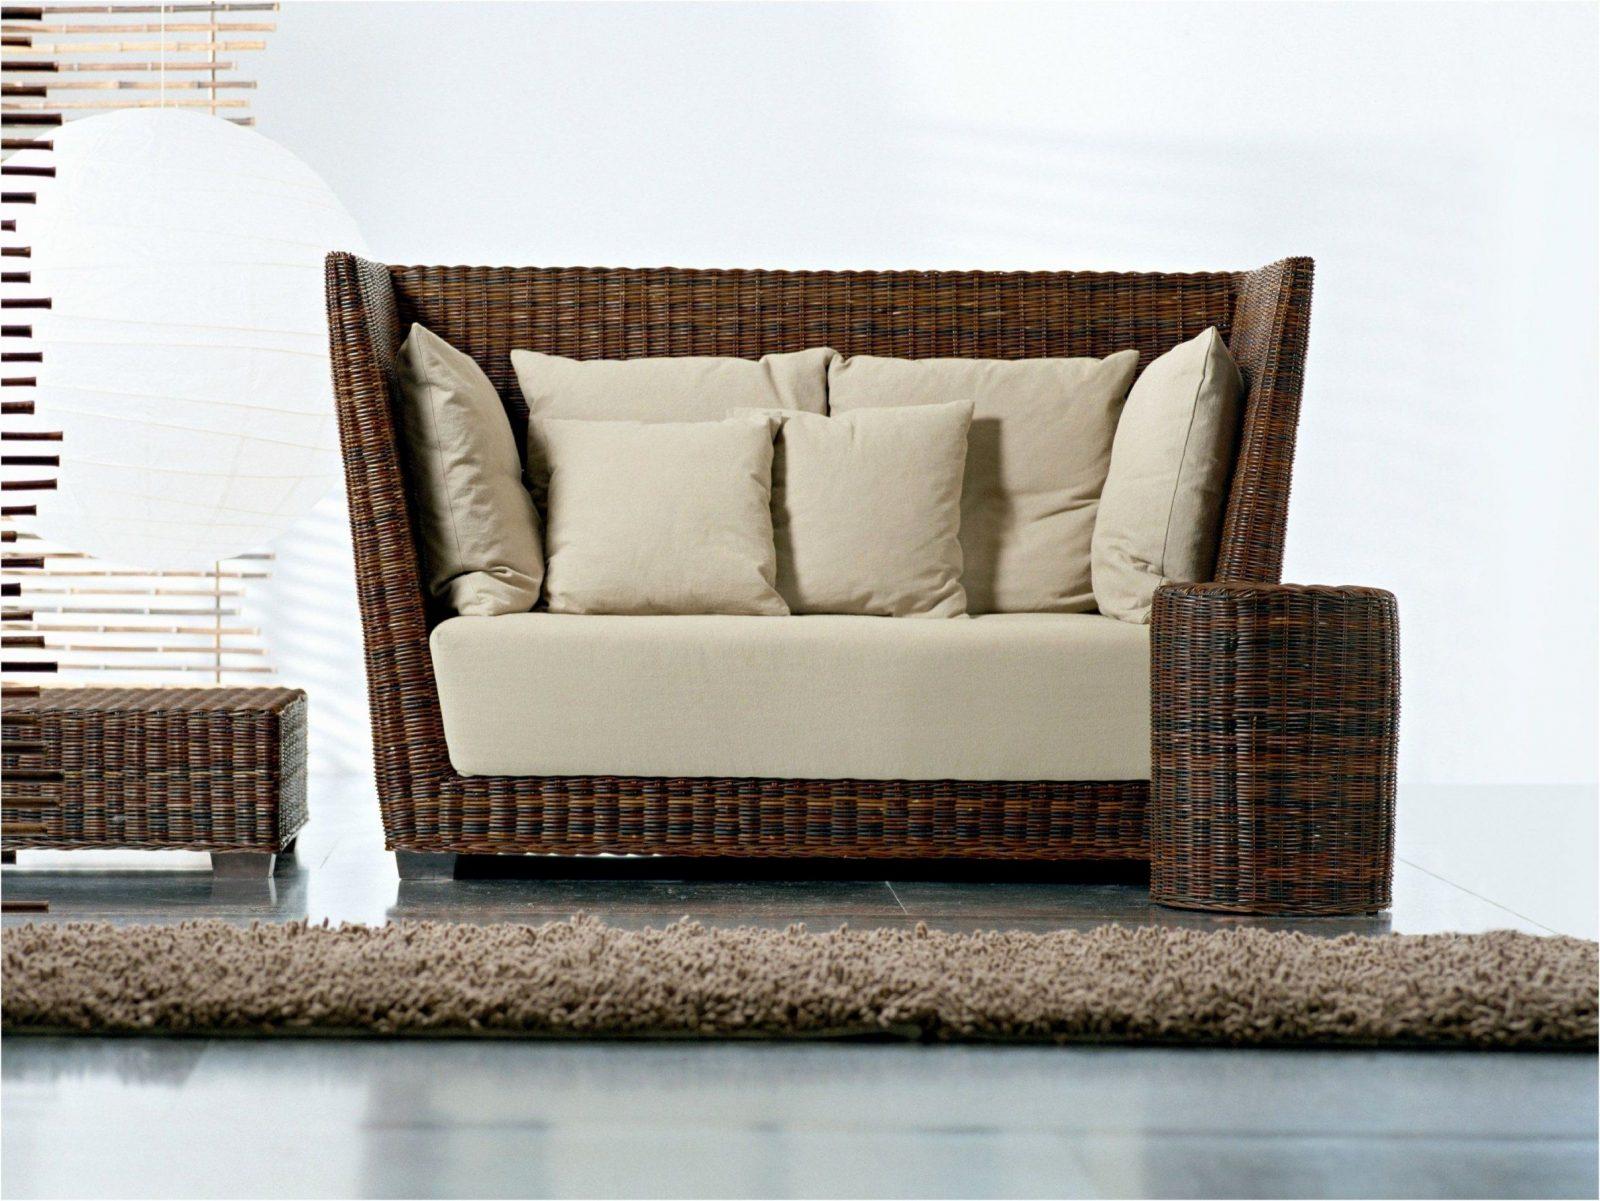 fantastische ideen sofa hohe lehne alle m bel von couch. Black Bedroom Furniture Sets. Home Design Ideas